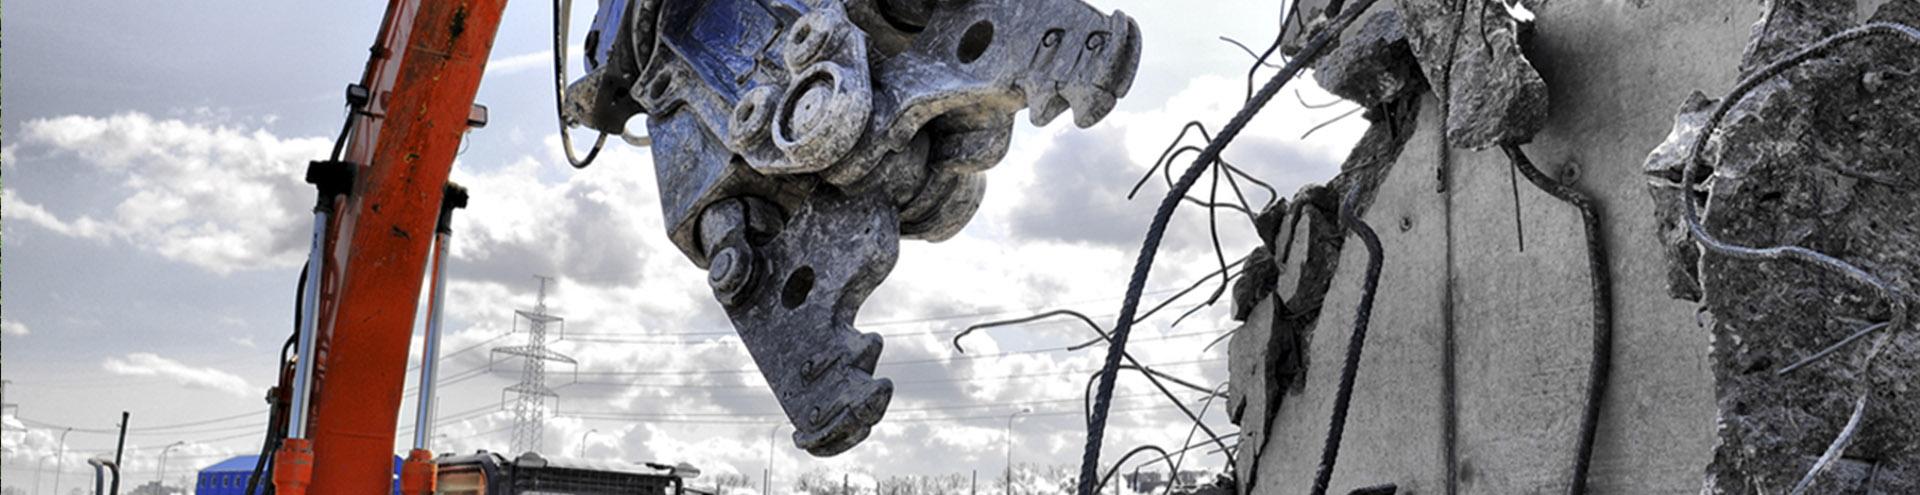 право на самовольную постройку в Нижнем Новгороде